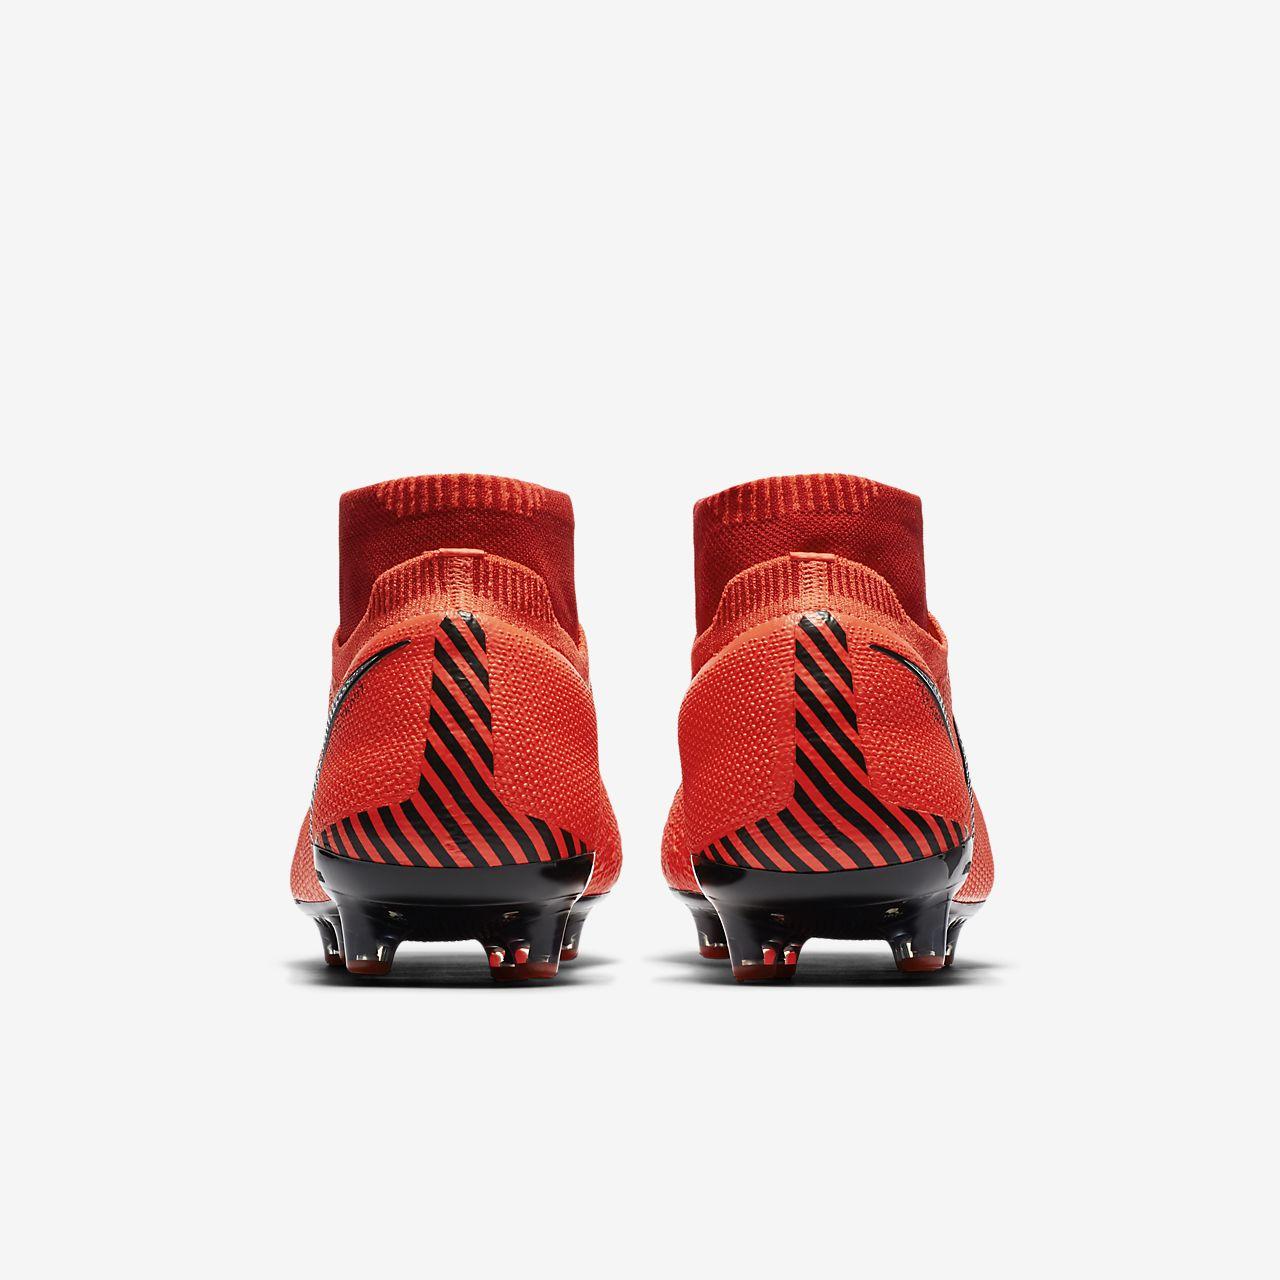 look for 811f2 17bdb ... Fotbollssko Nike Phantom Vision Elite Dynamic Fit för konstgräs